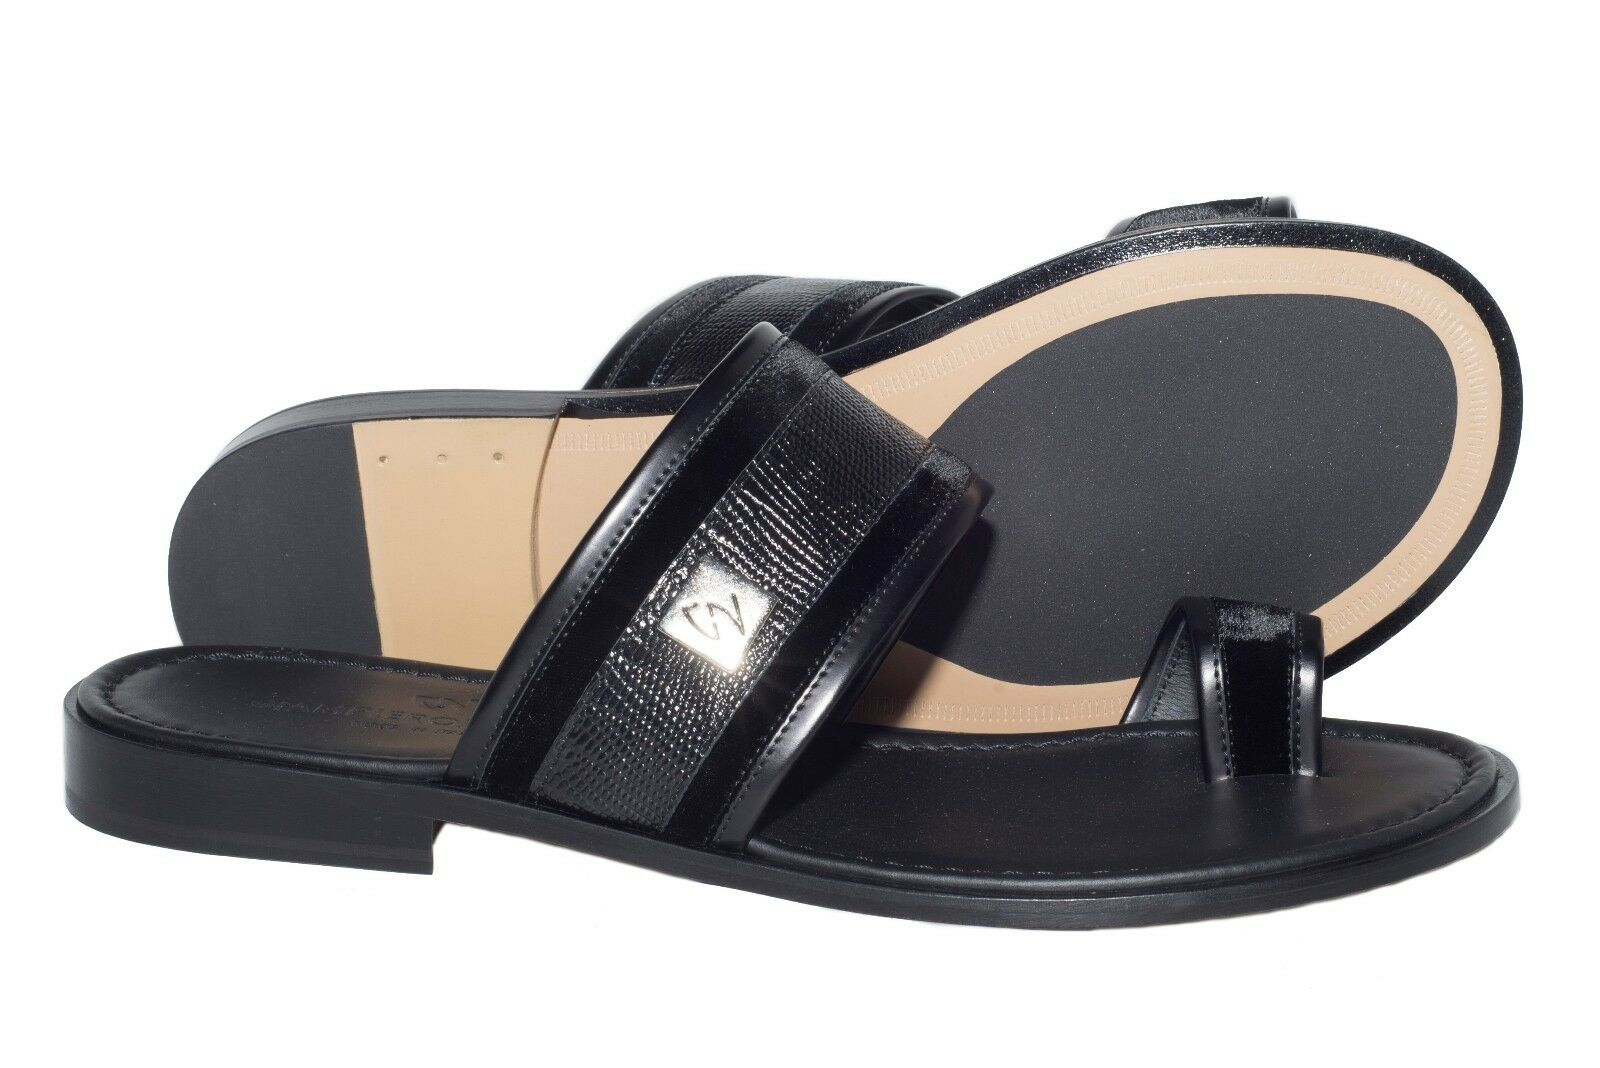 Giampieronicola 5437 italiano para Pus-en-toe hombre Negro Pus-en-toe para sandalias de lagarto Grabado 79fde4